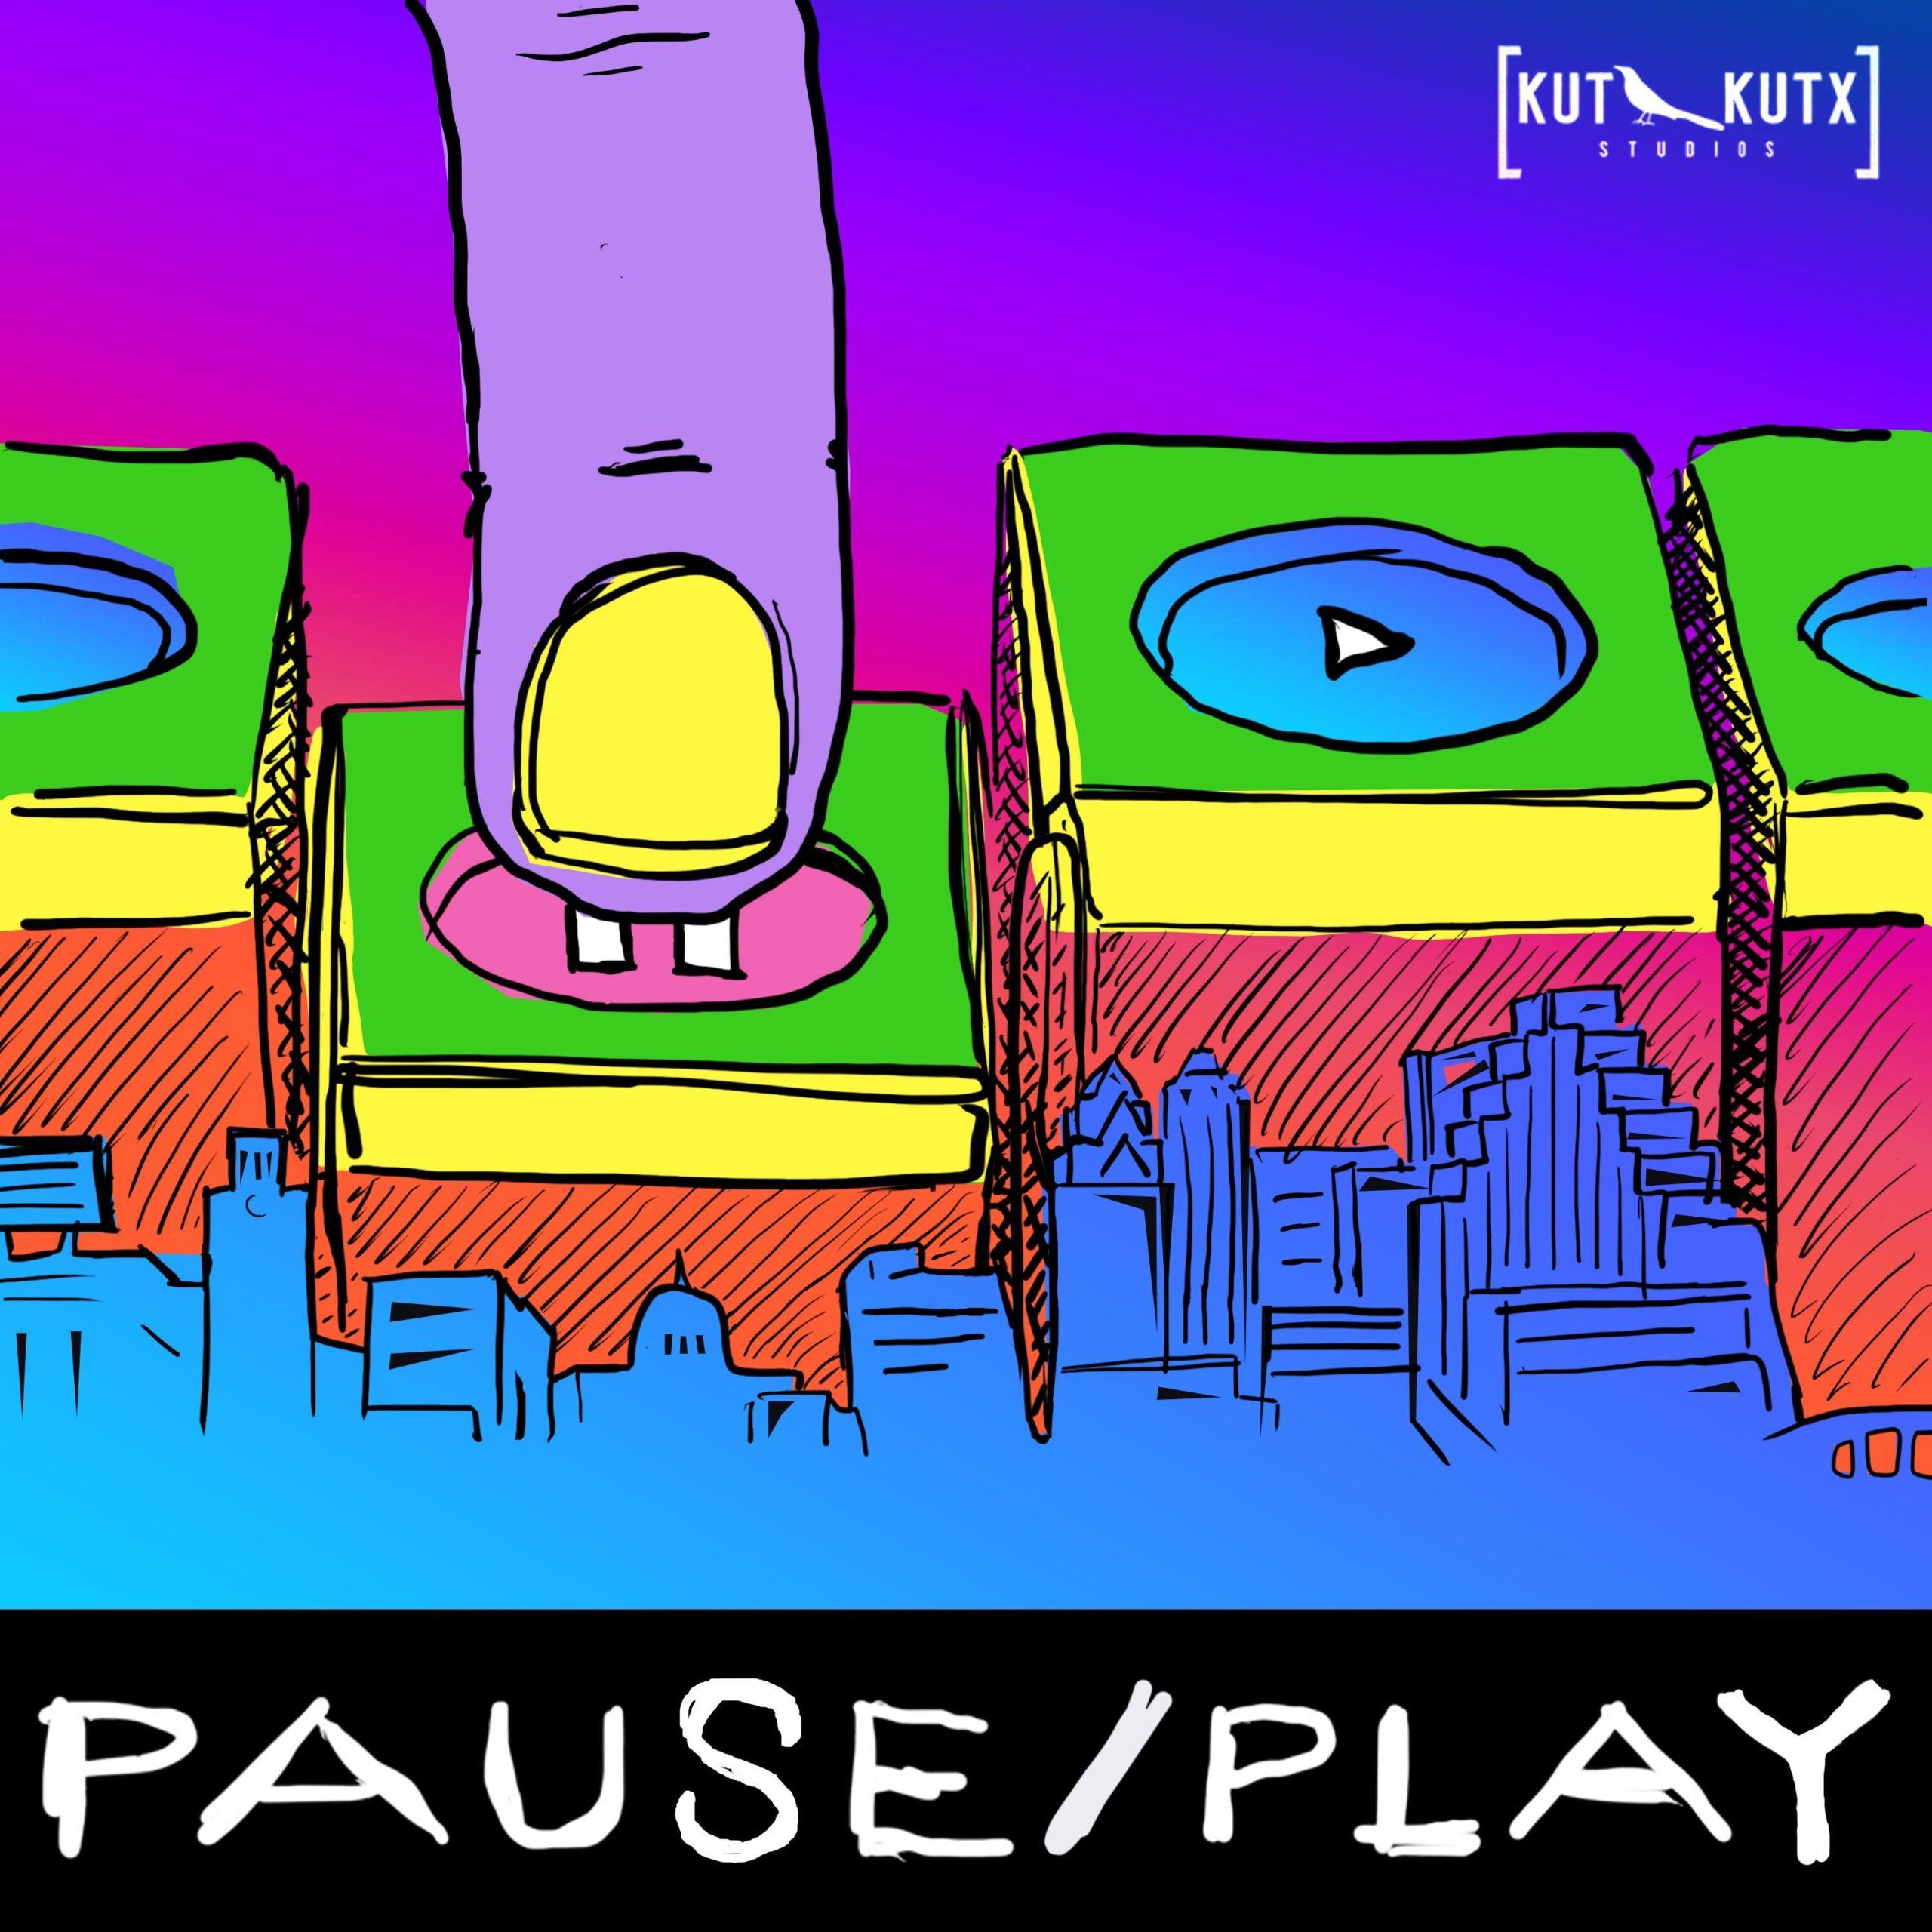 Pause / Play logo